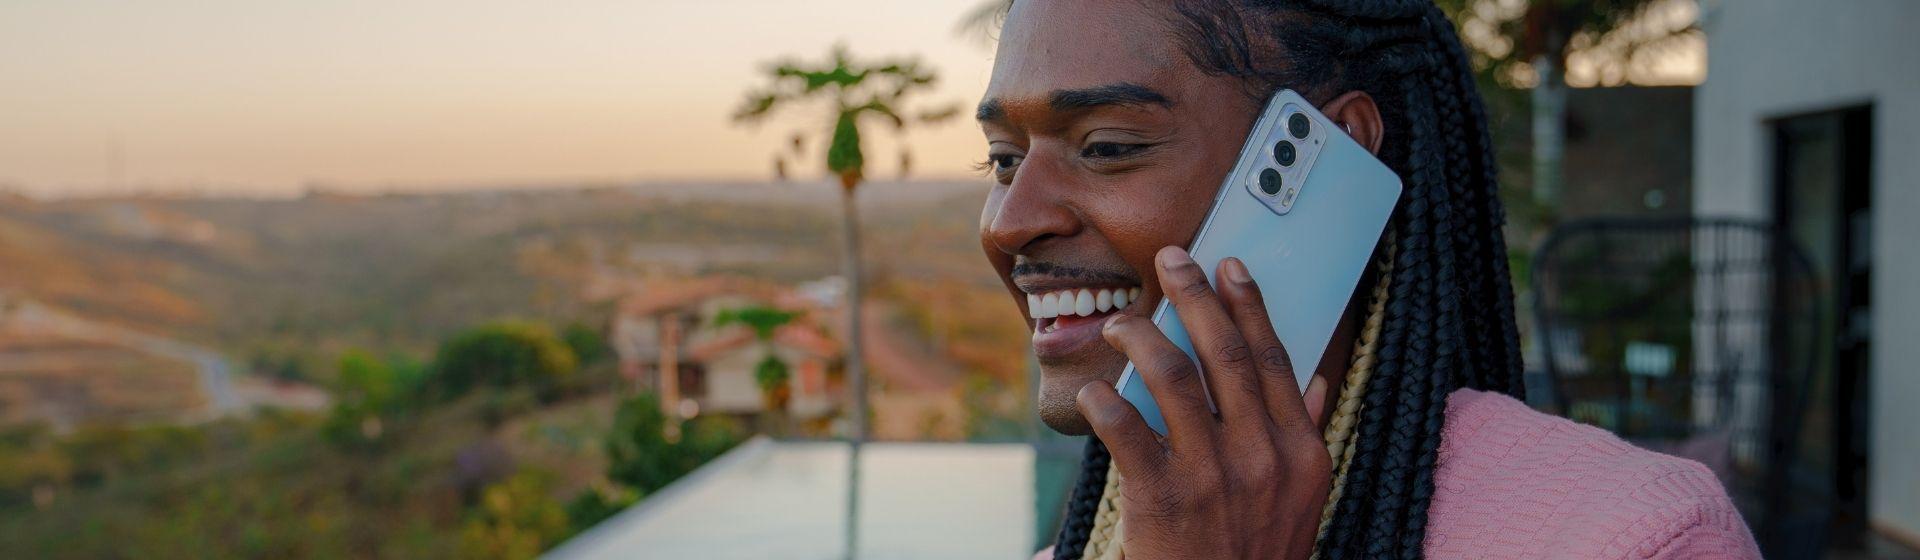 Motorola Edge 20 é bom? Conheça o novo celular ultrafino